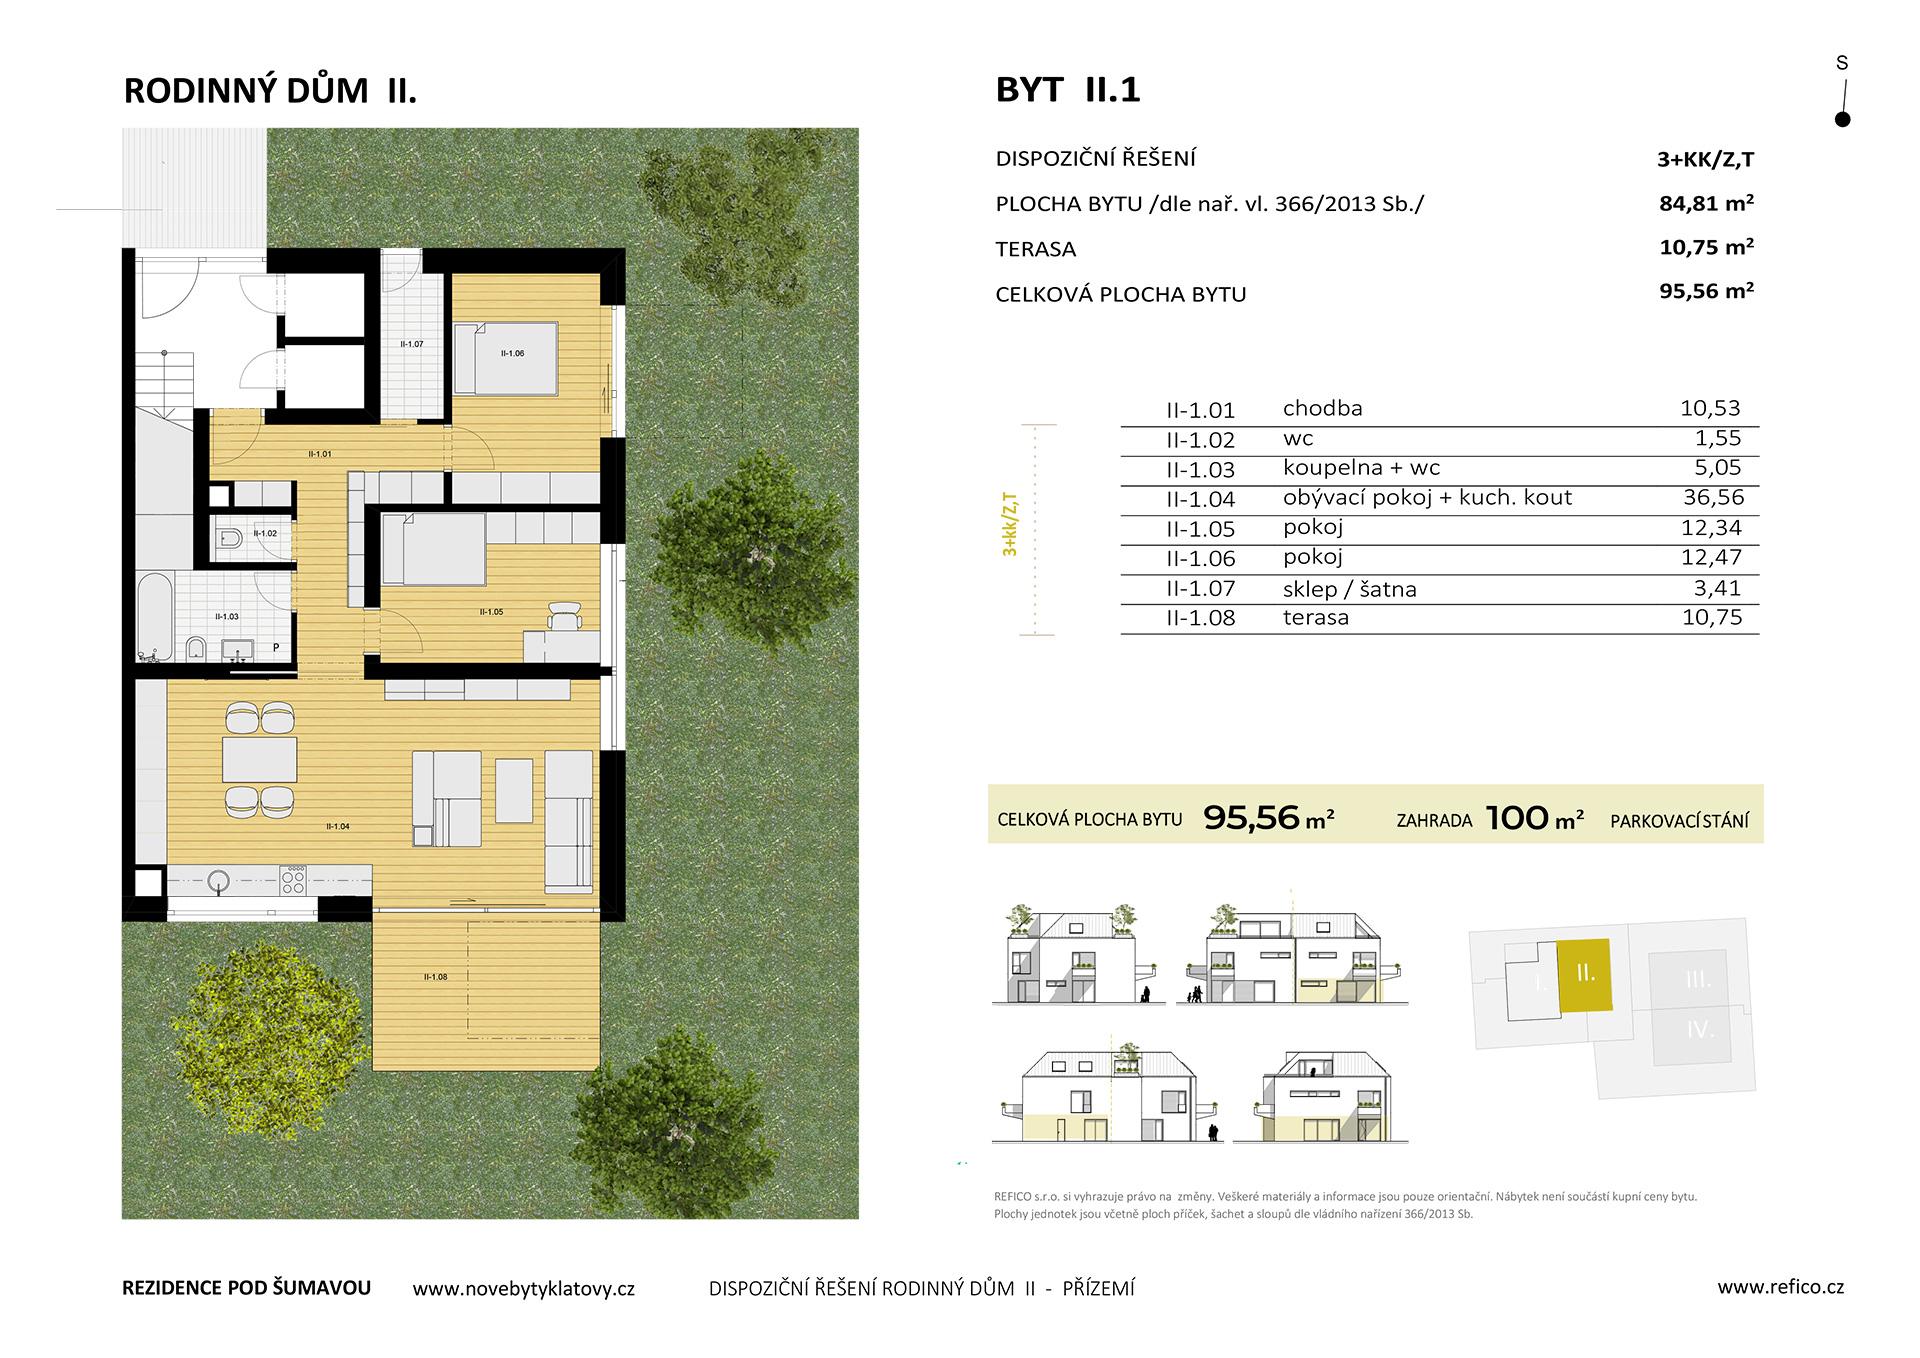 Dům II., byt 1, přízemí, 3+KK/Z,T